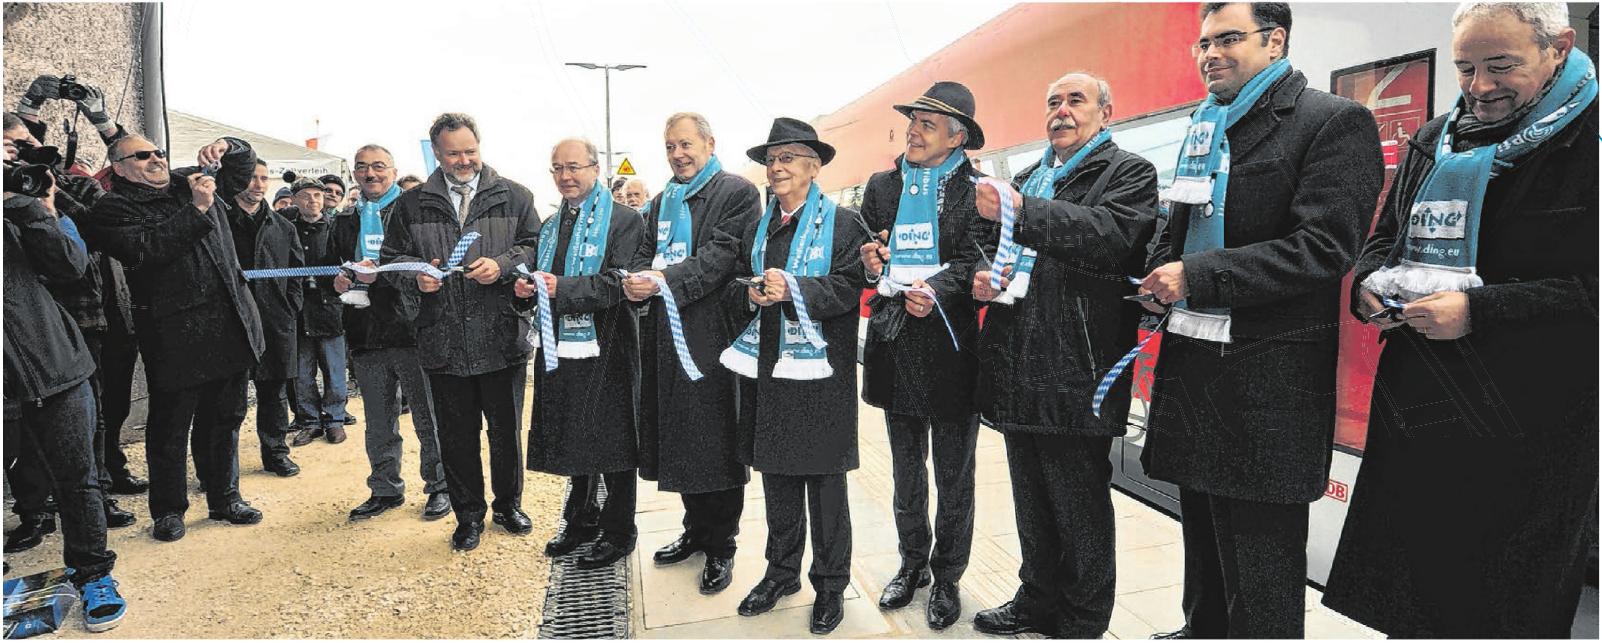 Politiker, Vertreter von Bahn, Ding und SWU sowie engagierte Bürger durchschneiden 2013 nach der Einfahrt des ersten planmäßigen Zuges nach 47 Jahren in Weißenhorn ein Band.